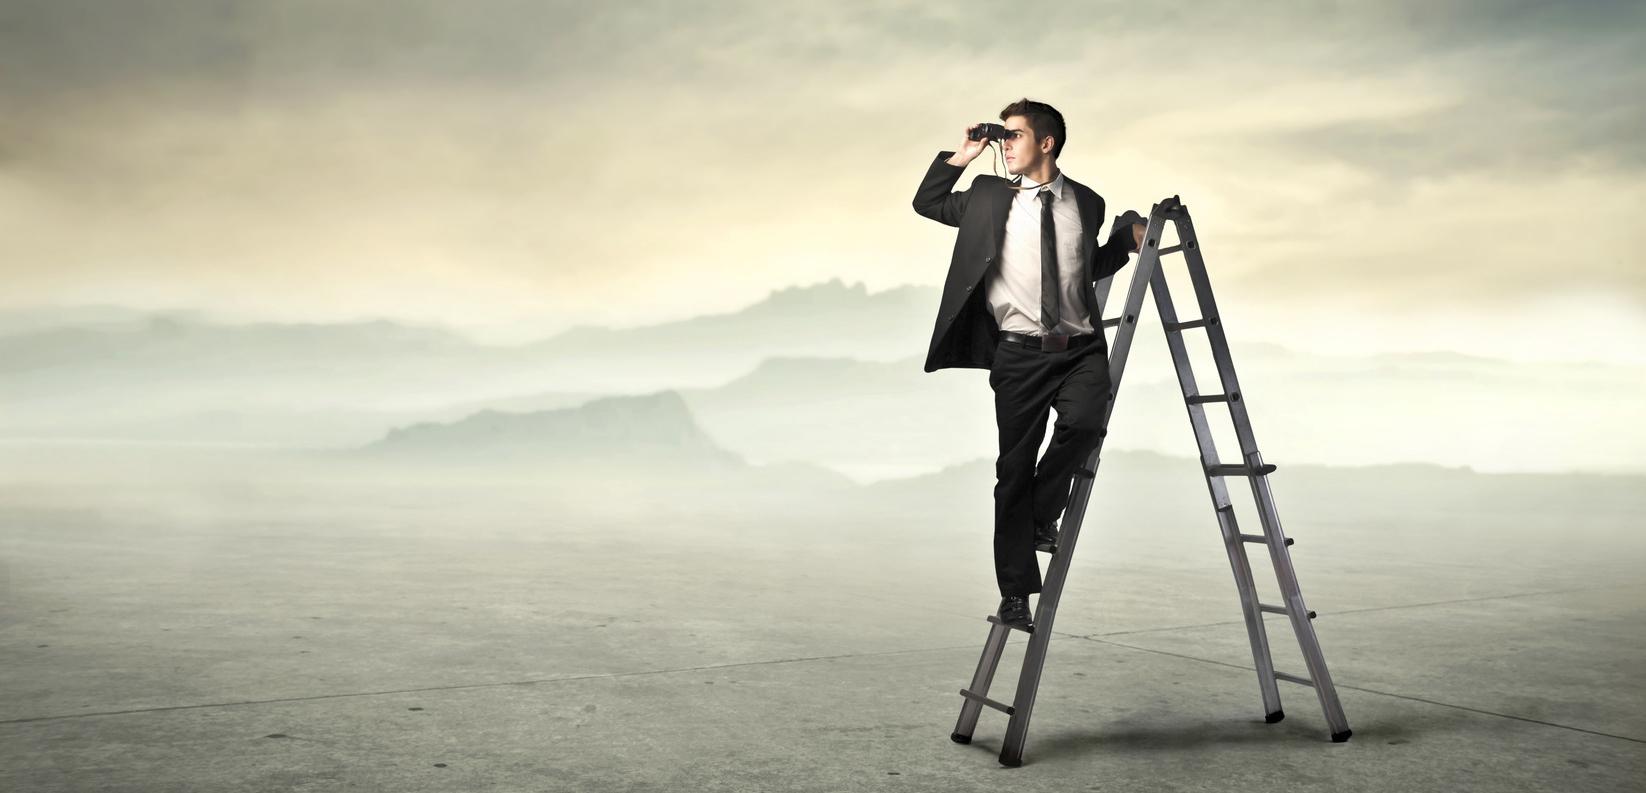 10 dicas úteis para arrumar emprego nos Estados Unidos